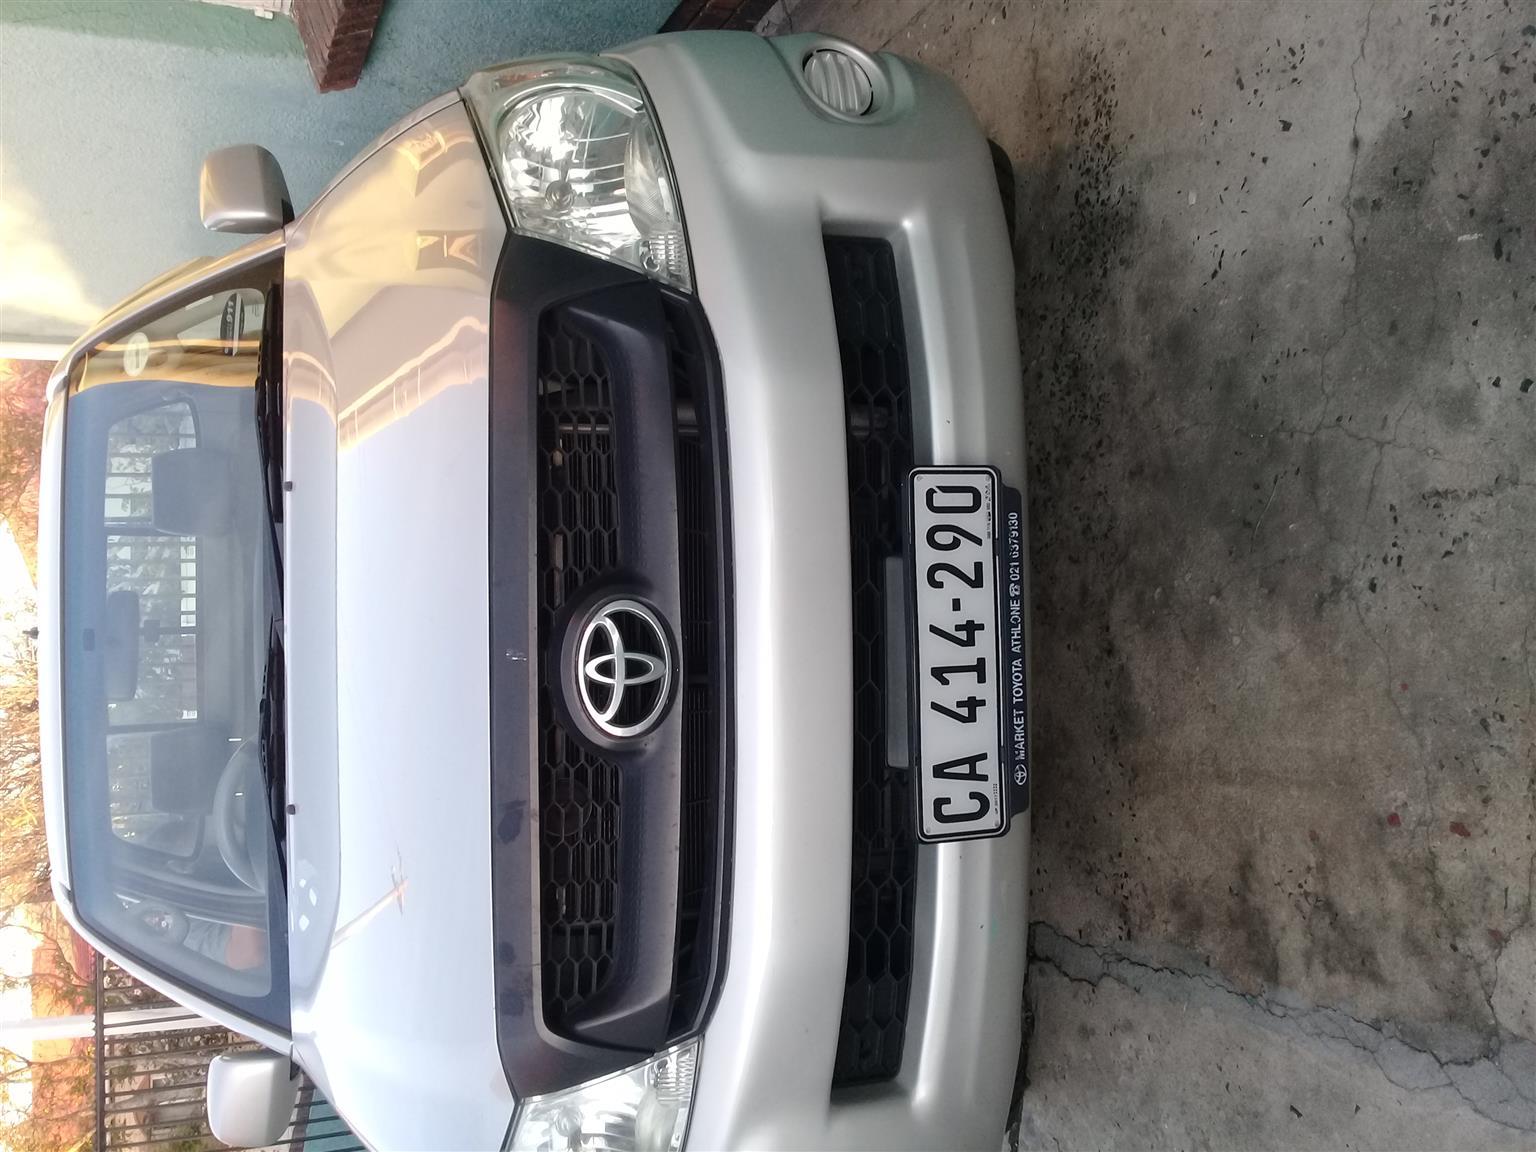 2009 Toyota Hilux 2 5D 4D SRX   Junk Mail